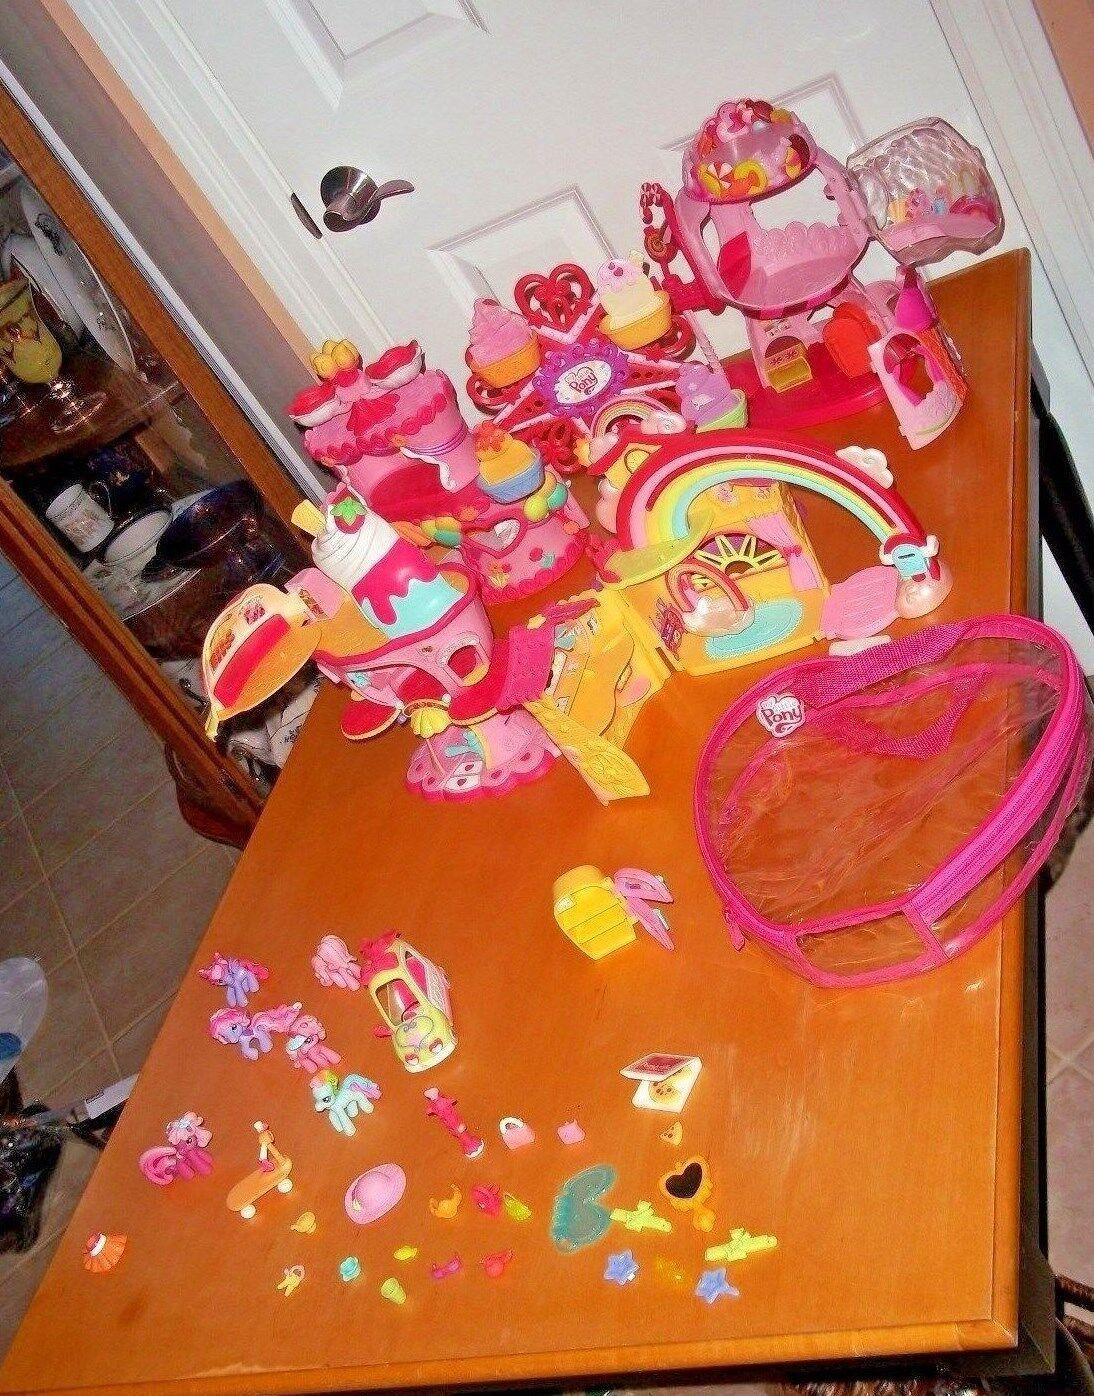 Mis coleccionistas de ponis coleccionan más más más juguetes y ponis. 9fe